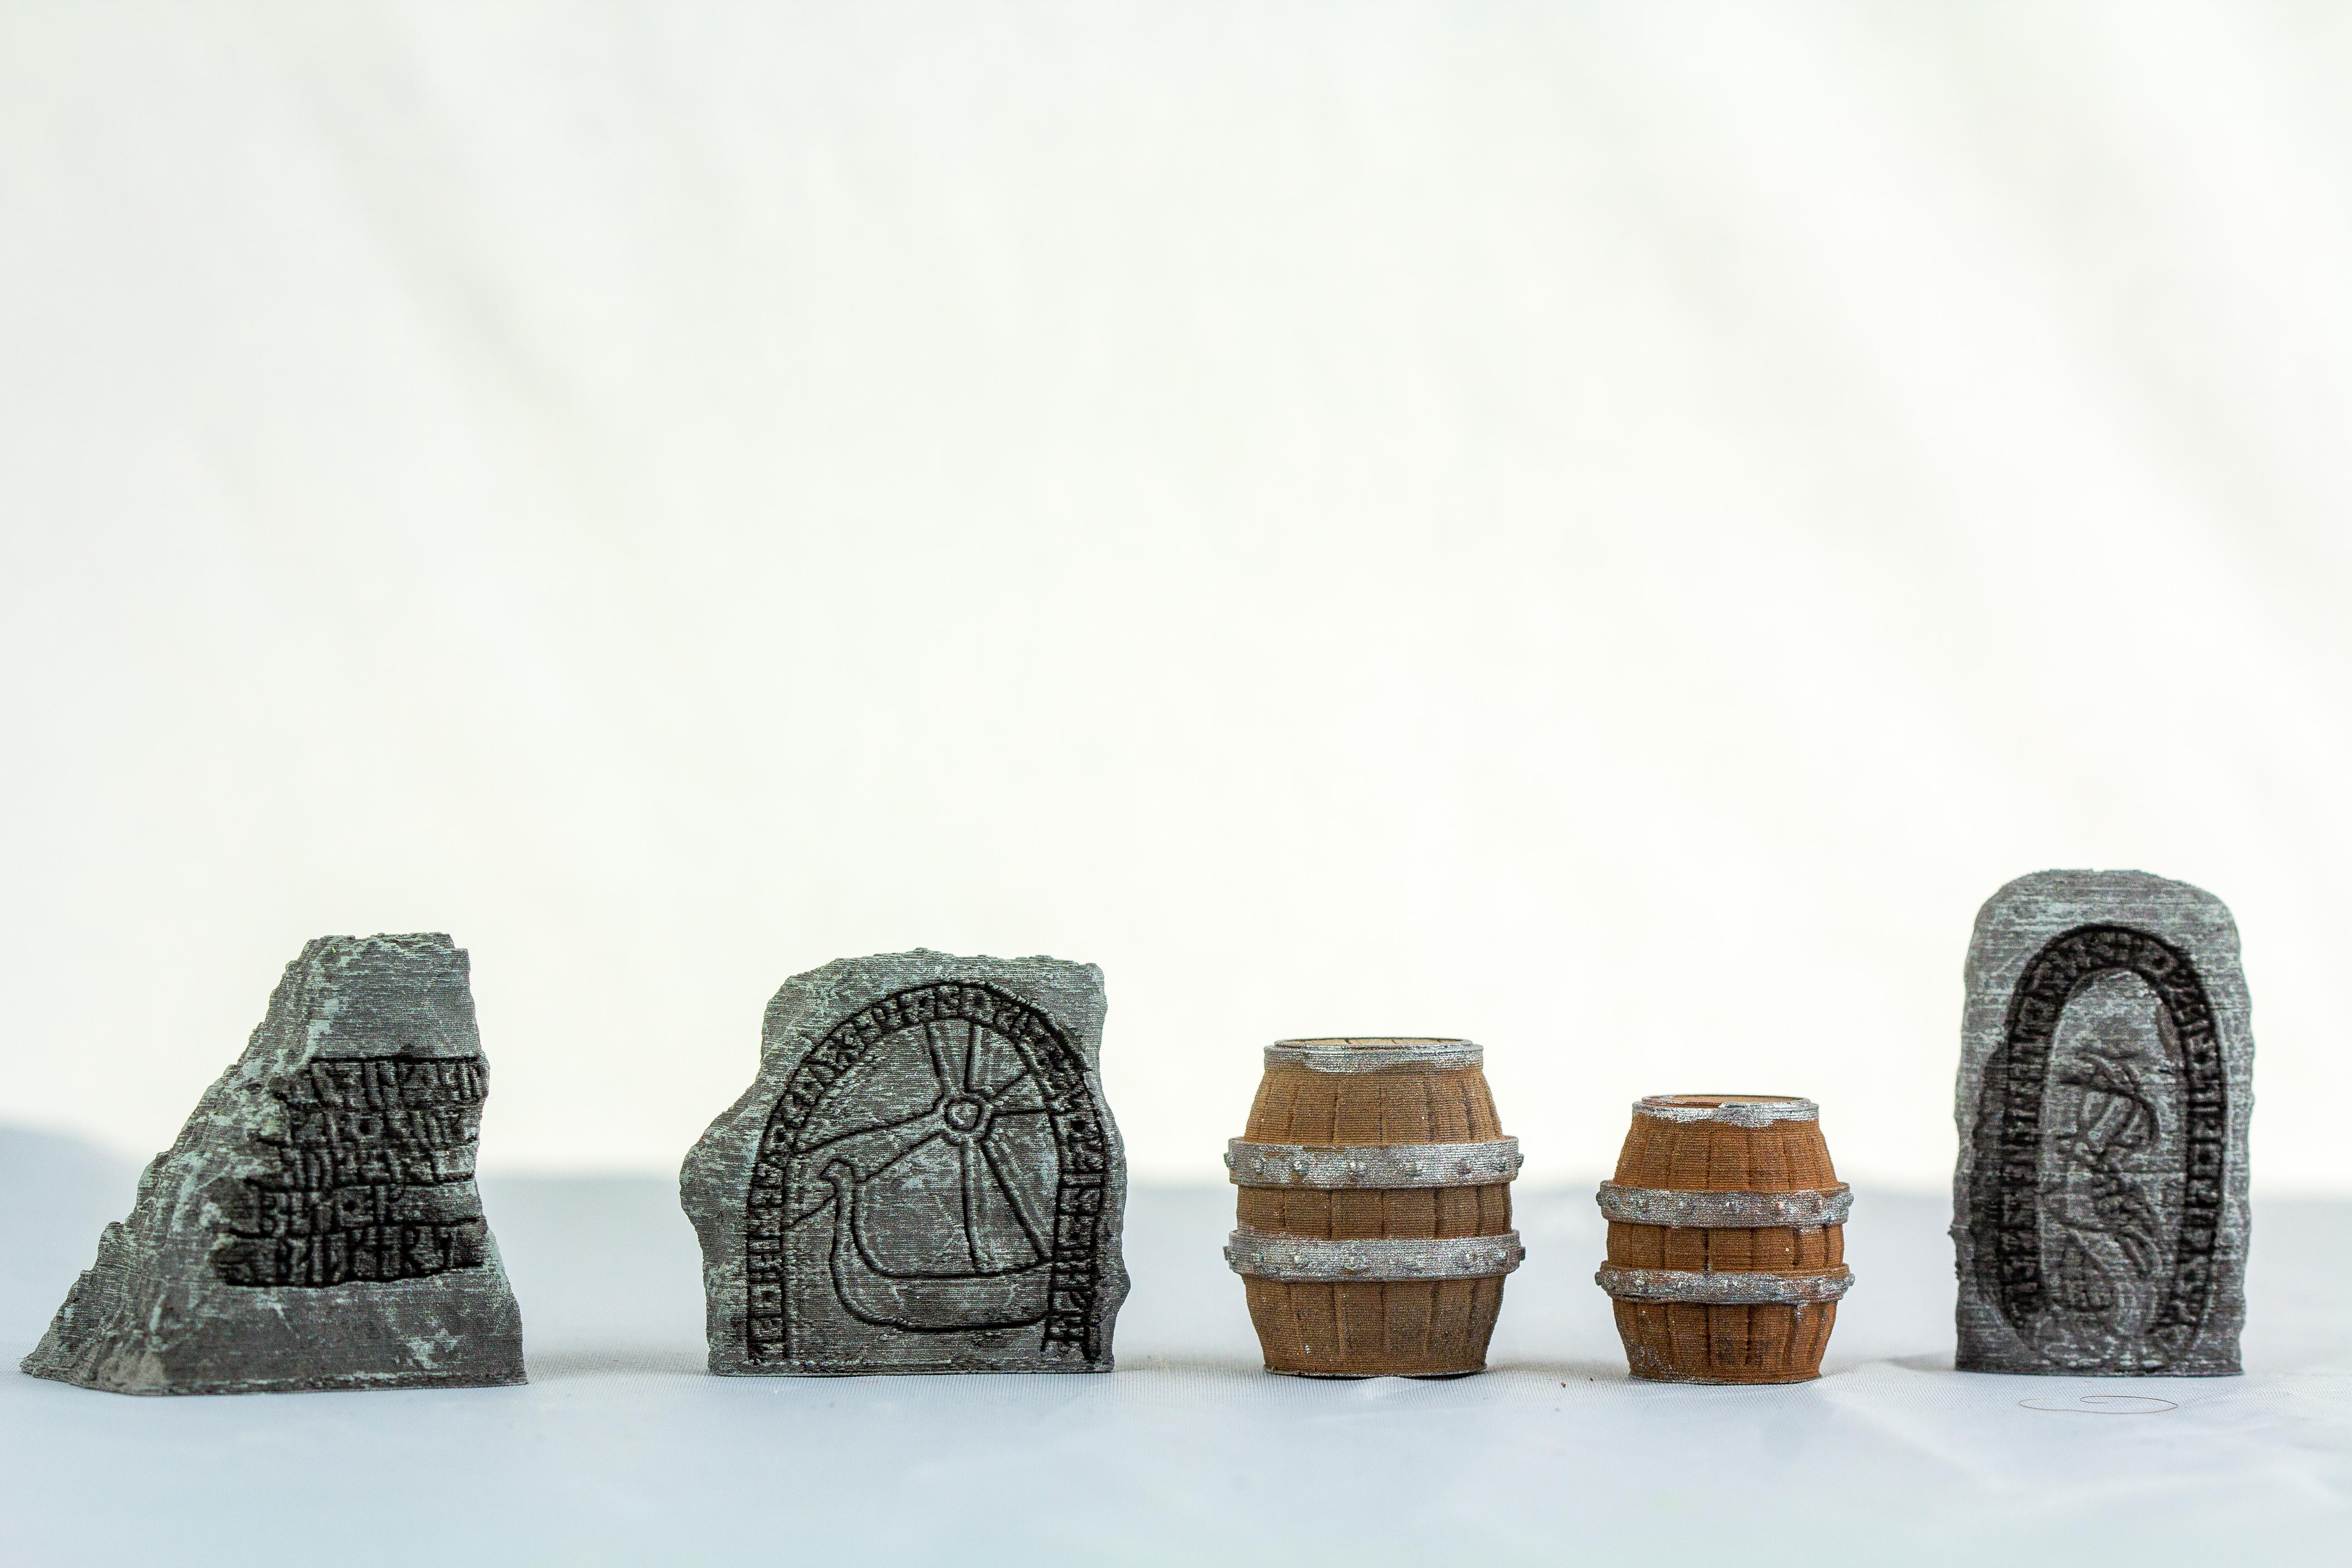 Terrain 4 Print: Runic Stones & Delving Decor Loot Markers: Barrels